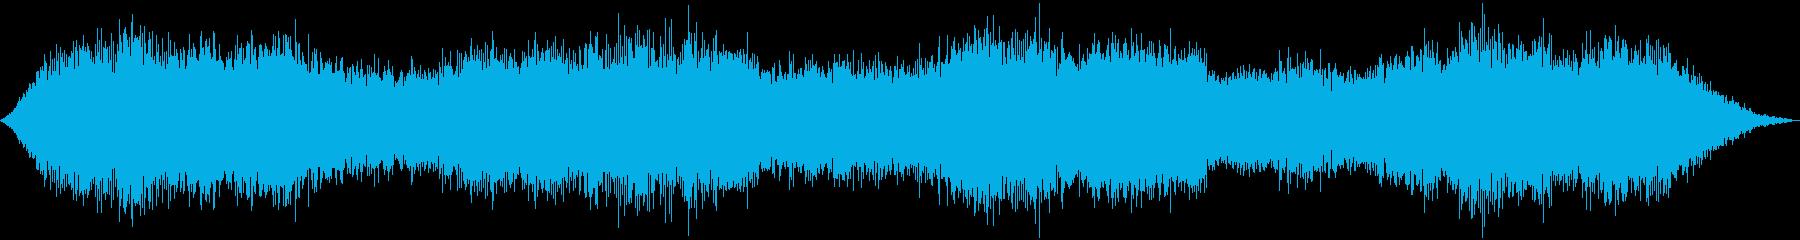 ダークアンビエント_03 ホラースケイプの再生済みの波形